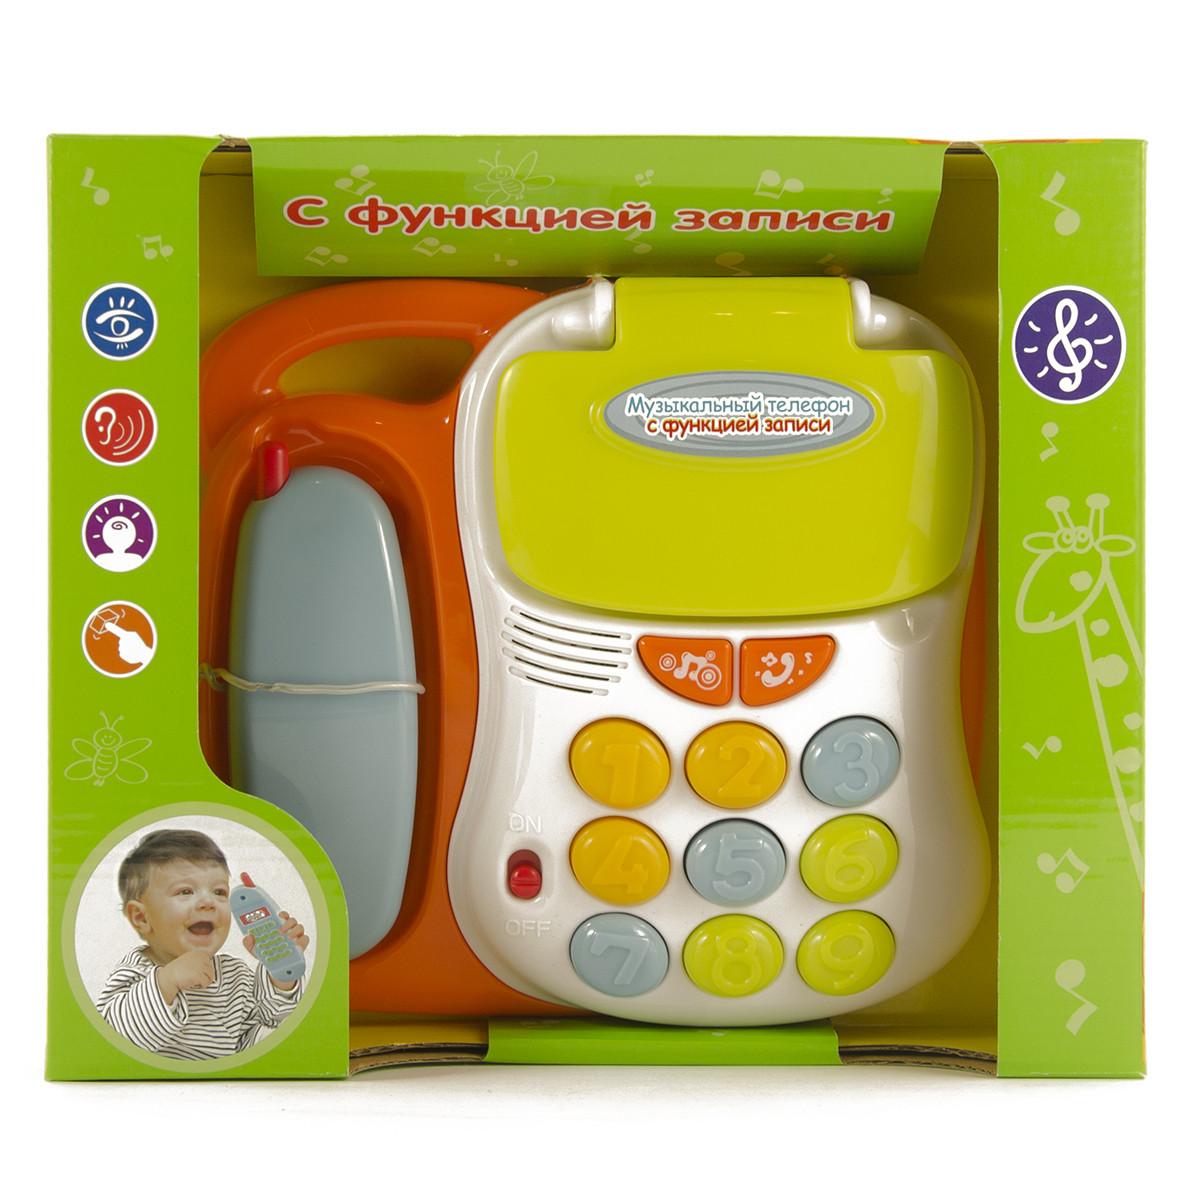 Интерактивный телефон TT13